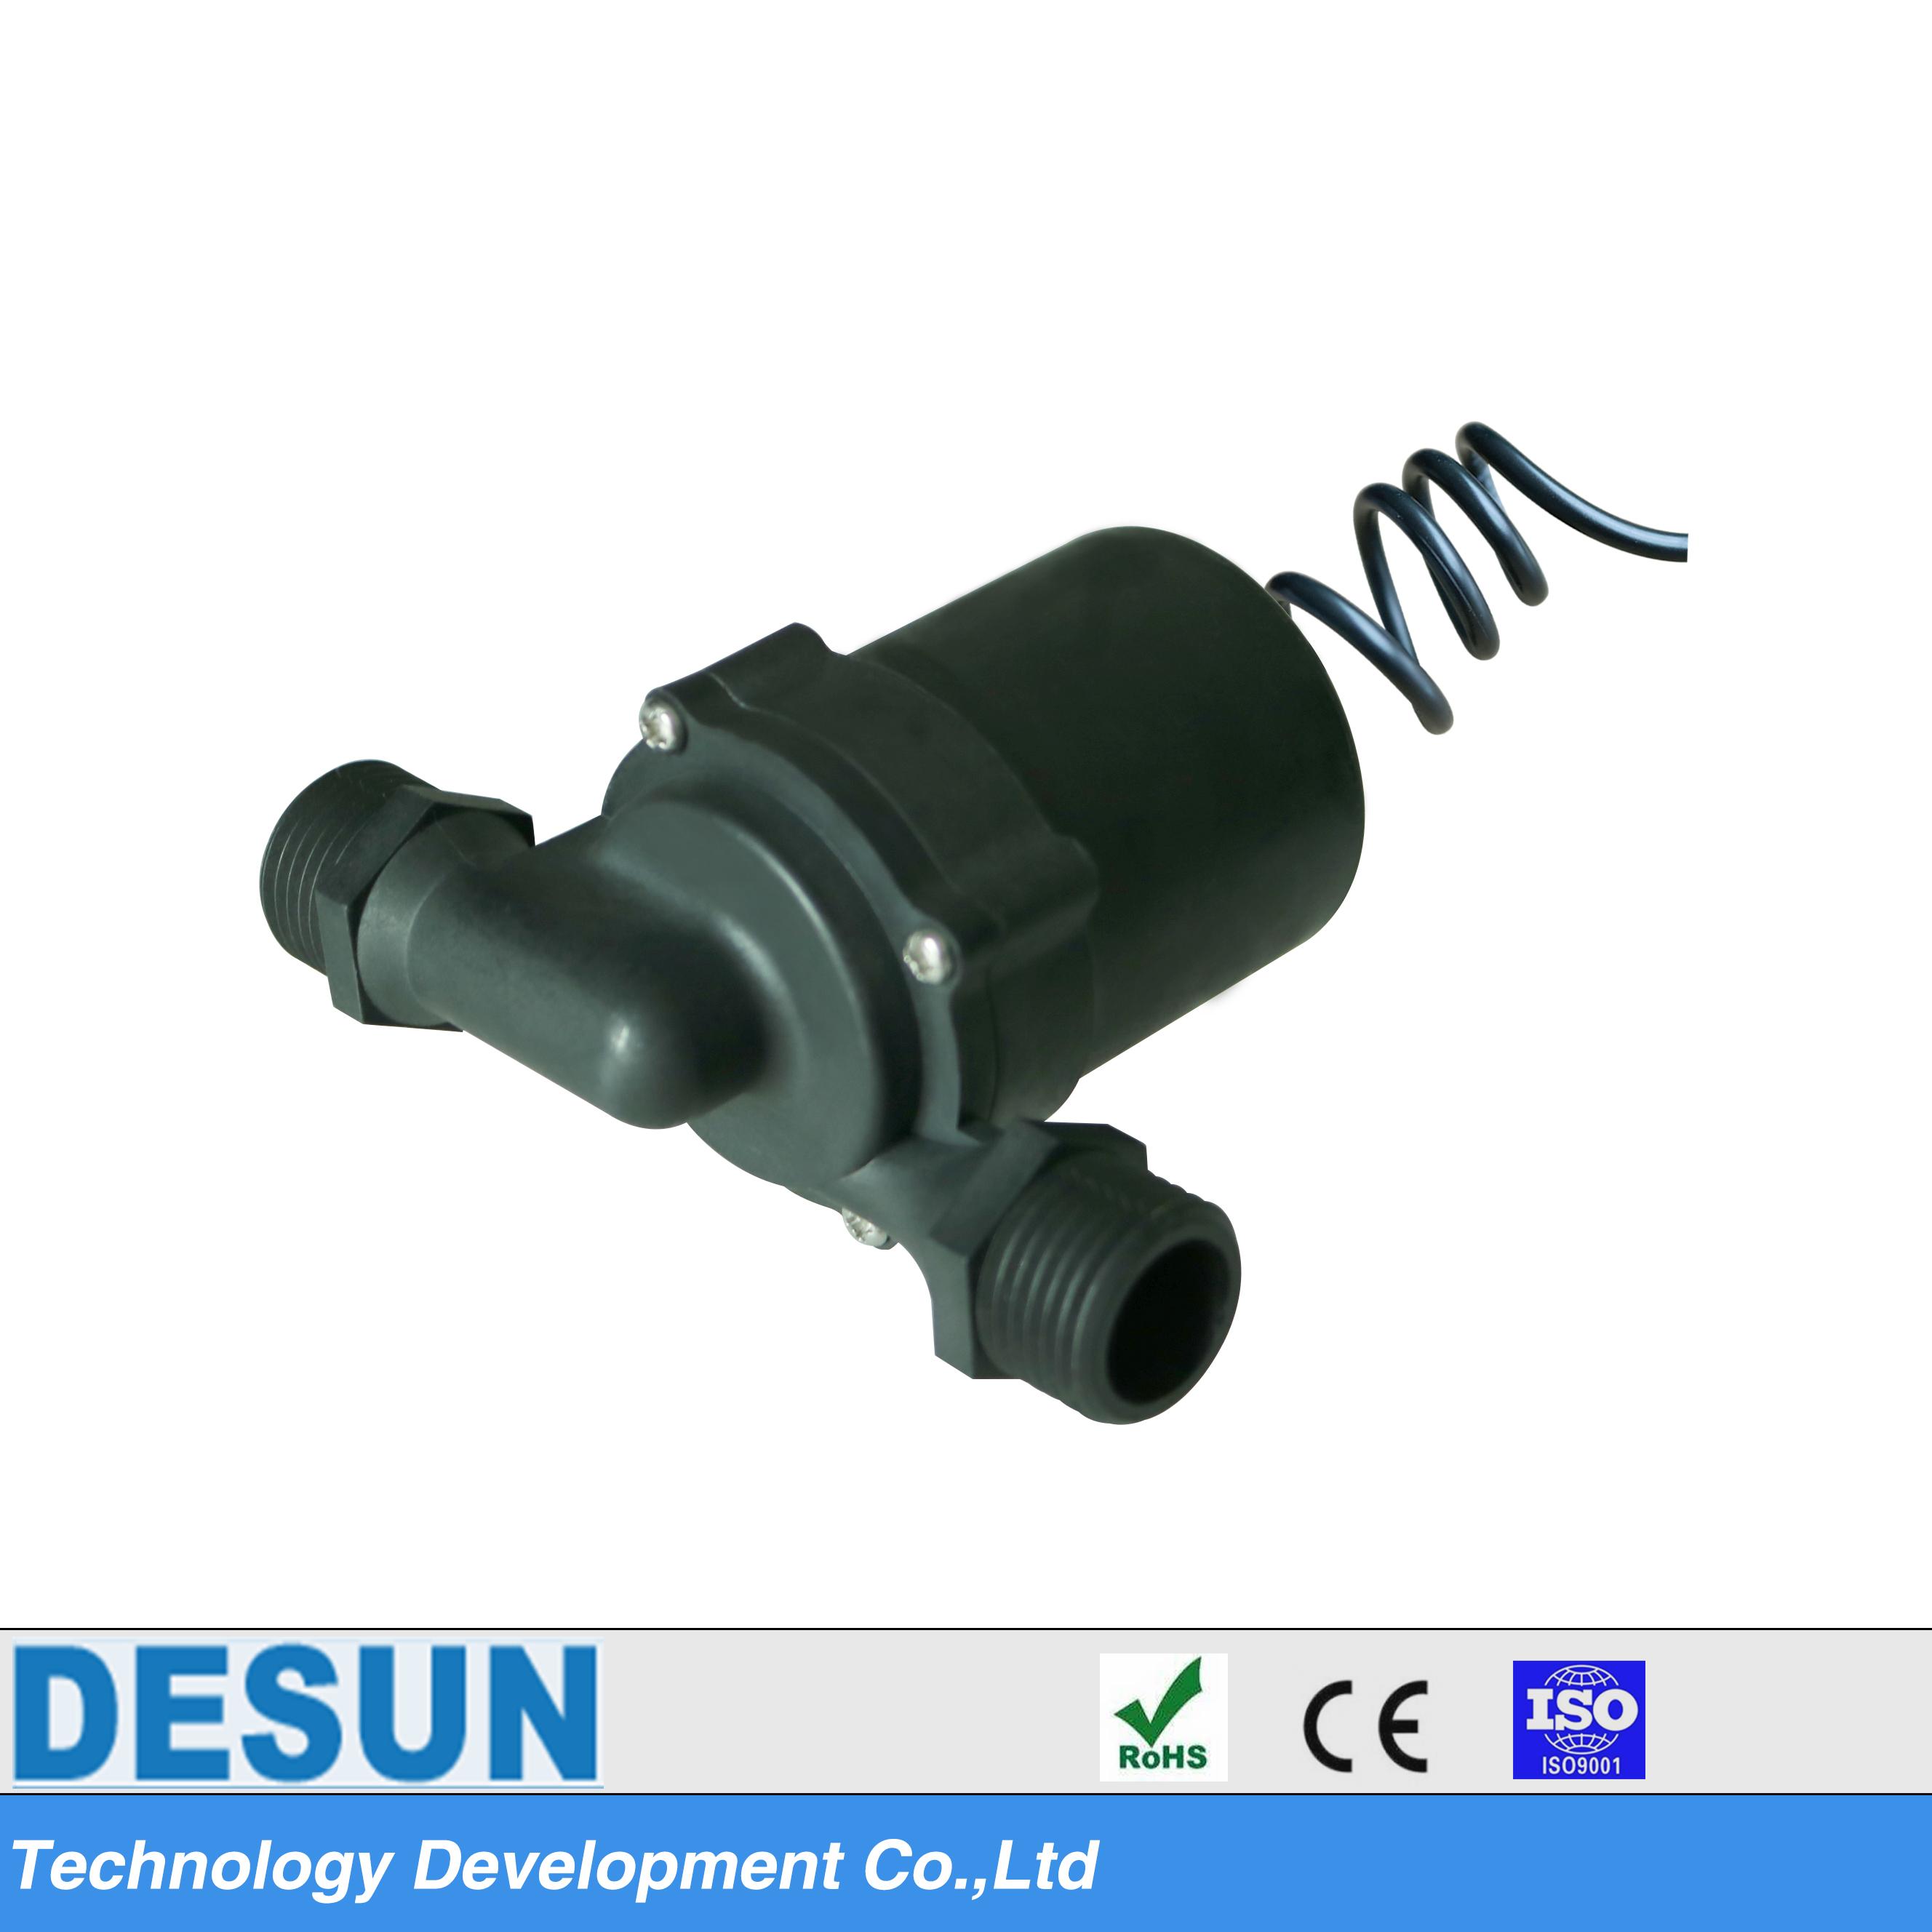 家用电器微型水泵DS4502